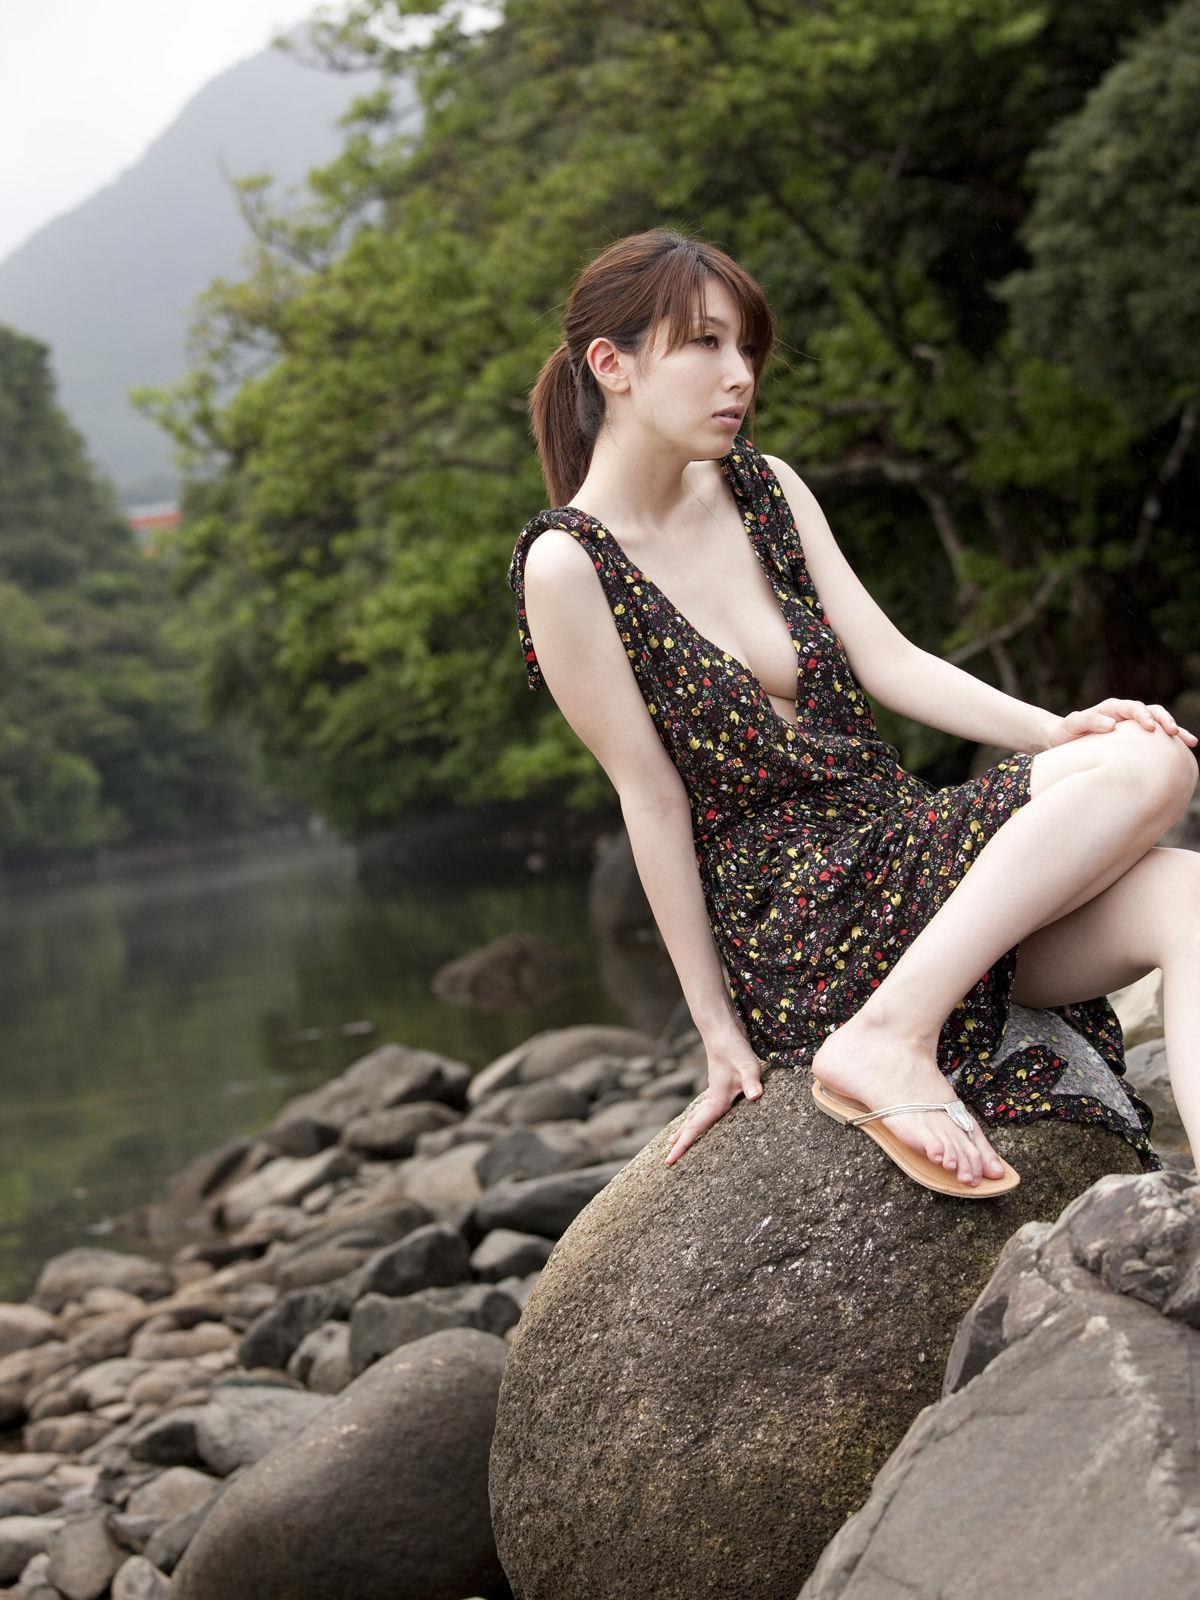 小林恵美 セミヌード画像 79